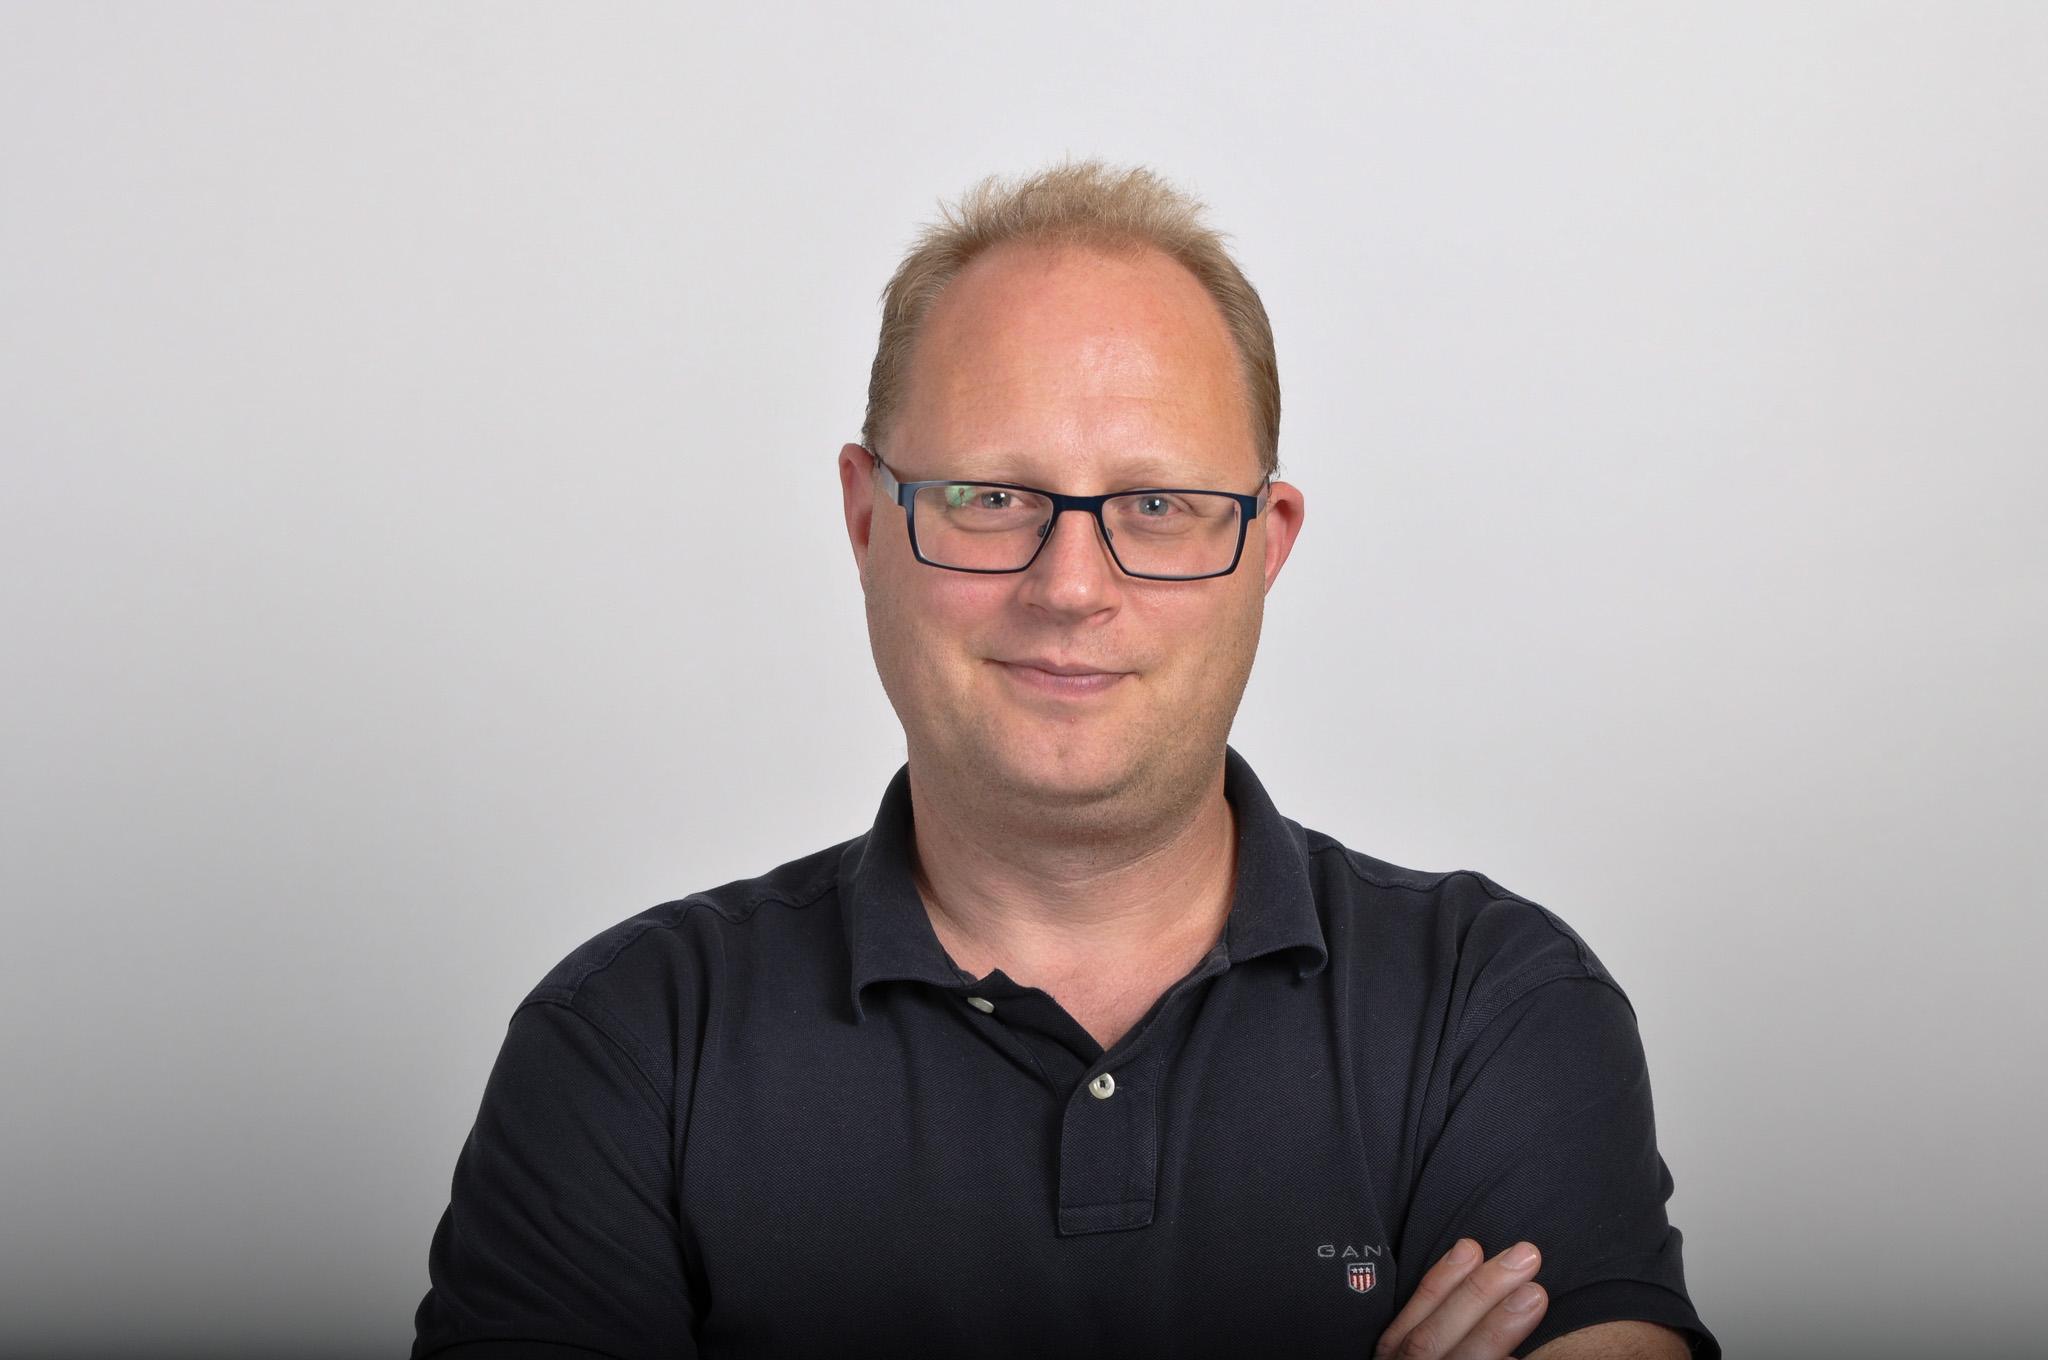 Tomas Bruvik